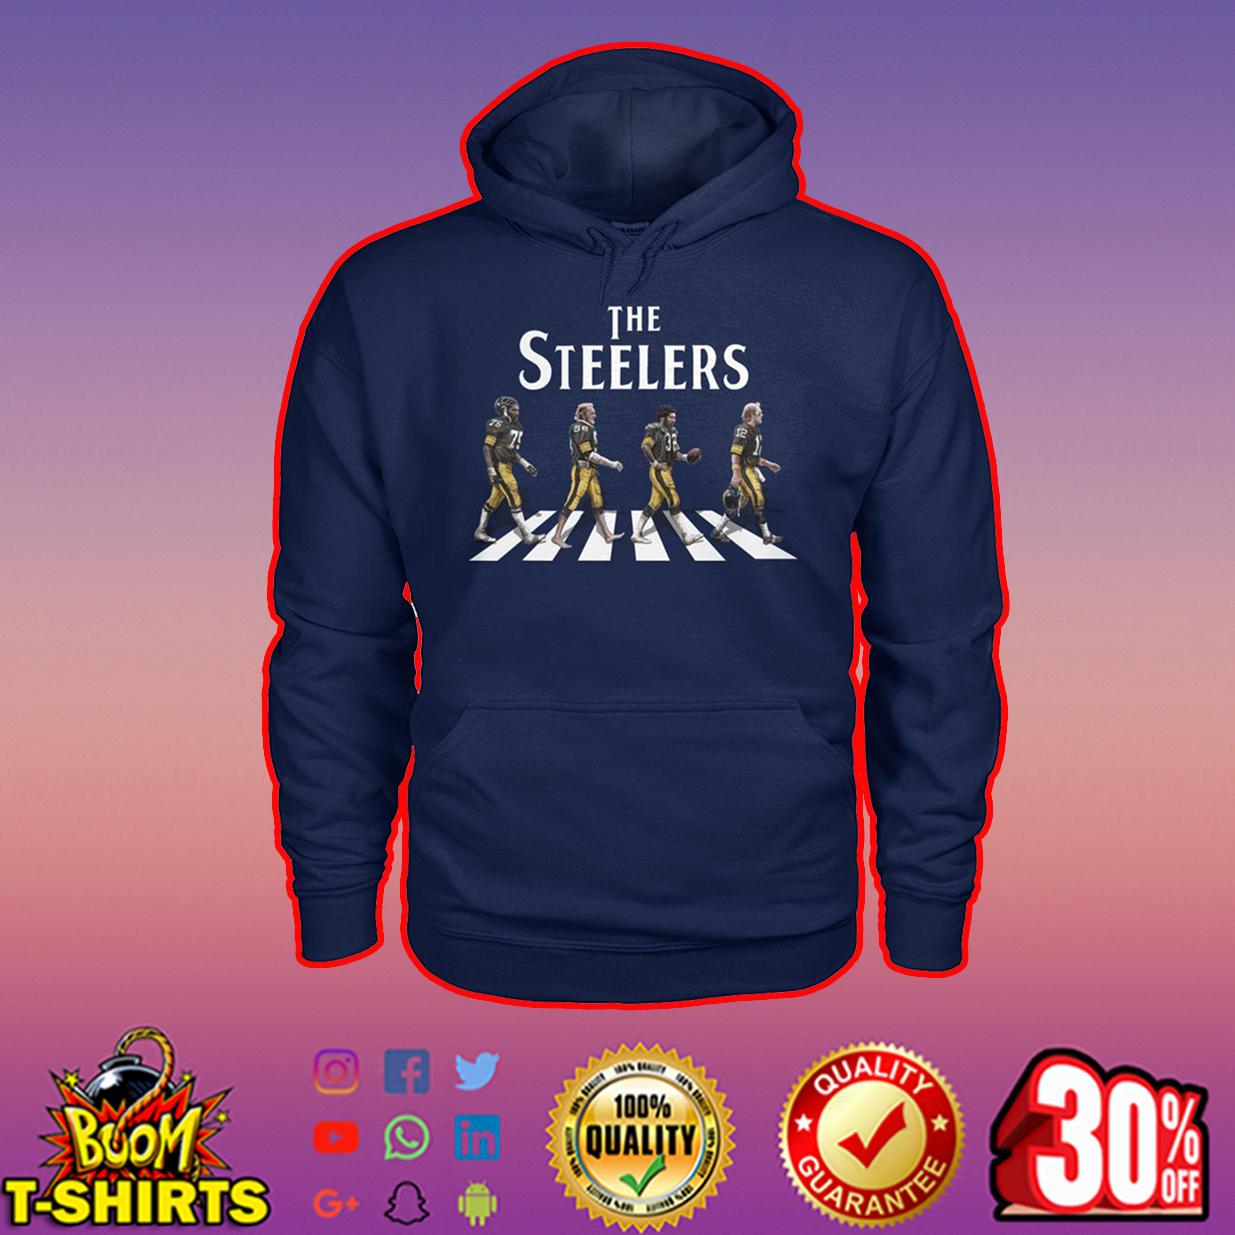 The Steelers abbey road hoodie